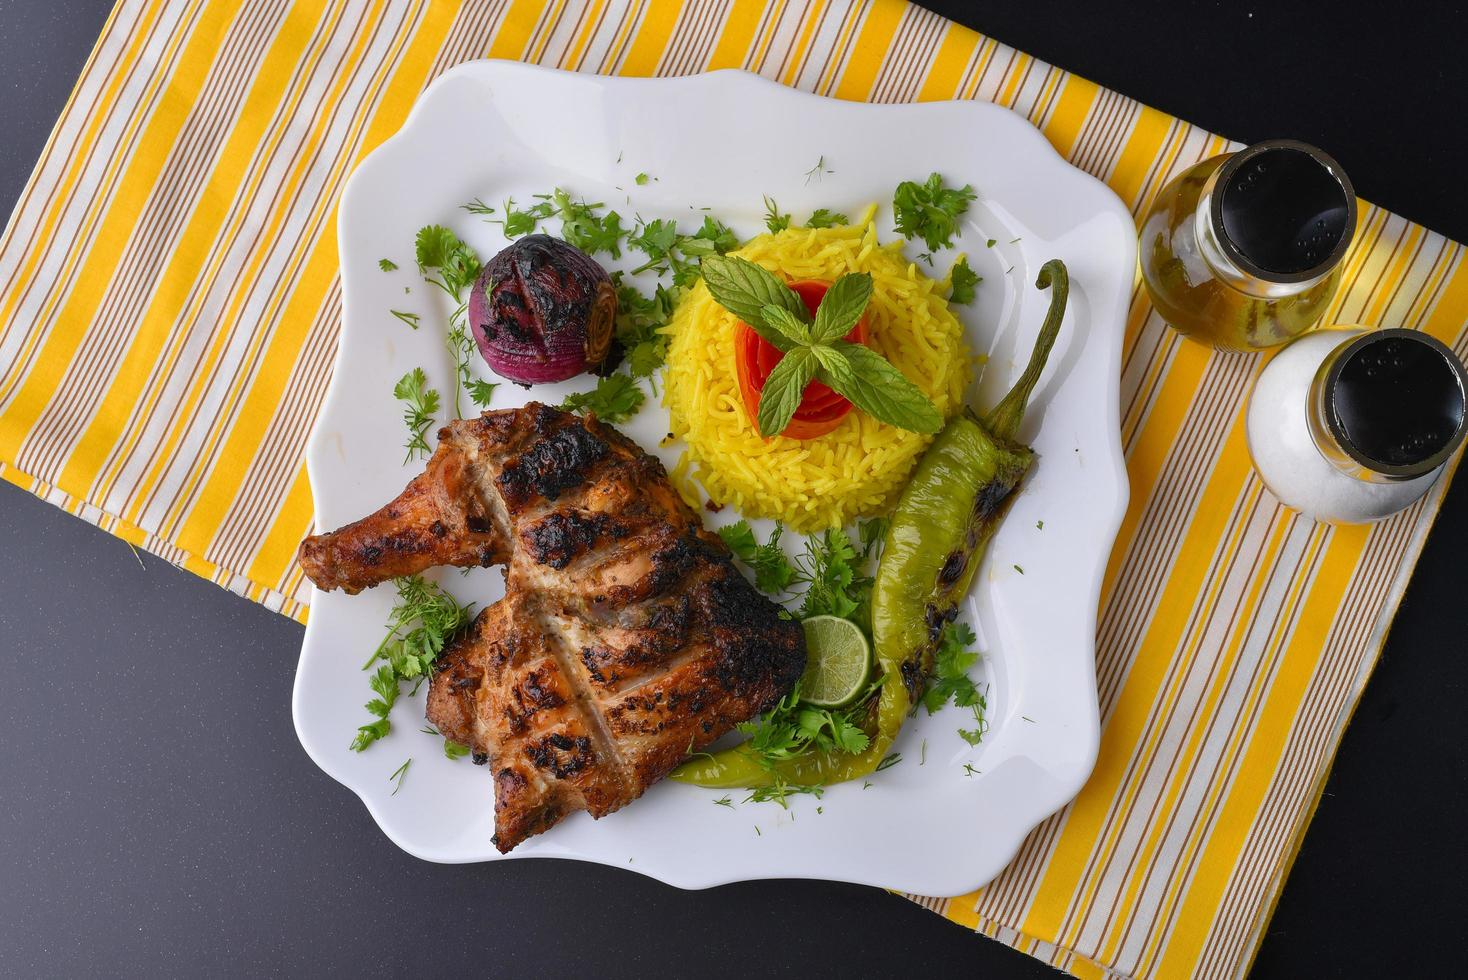 assiette de poulet grillé photo